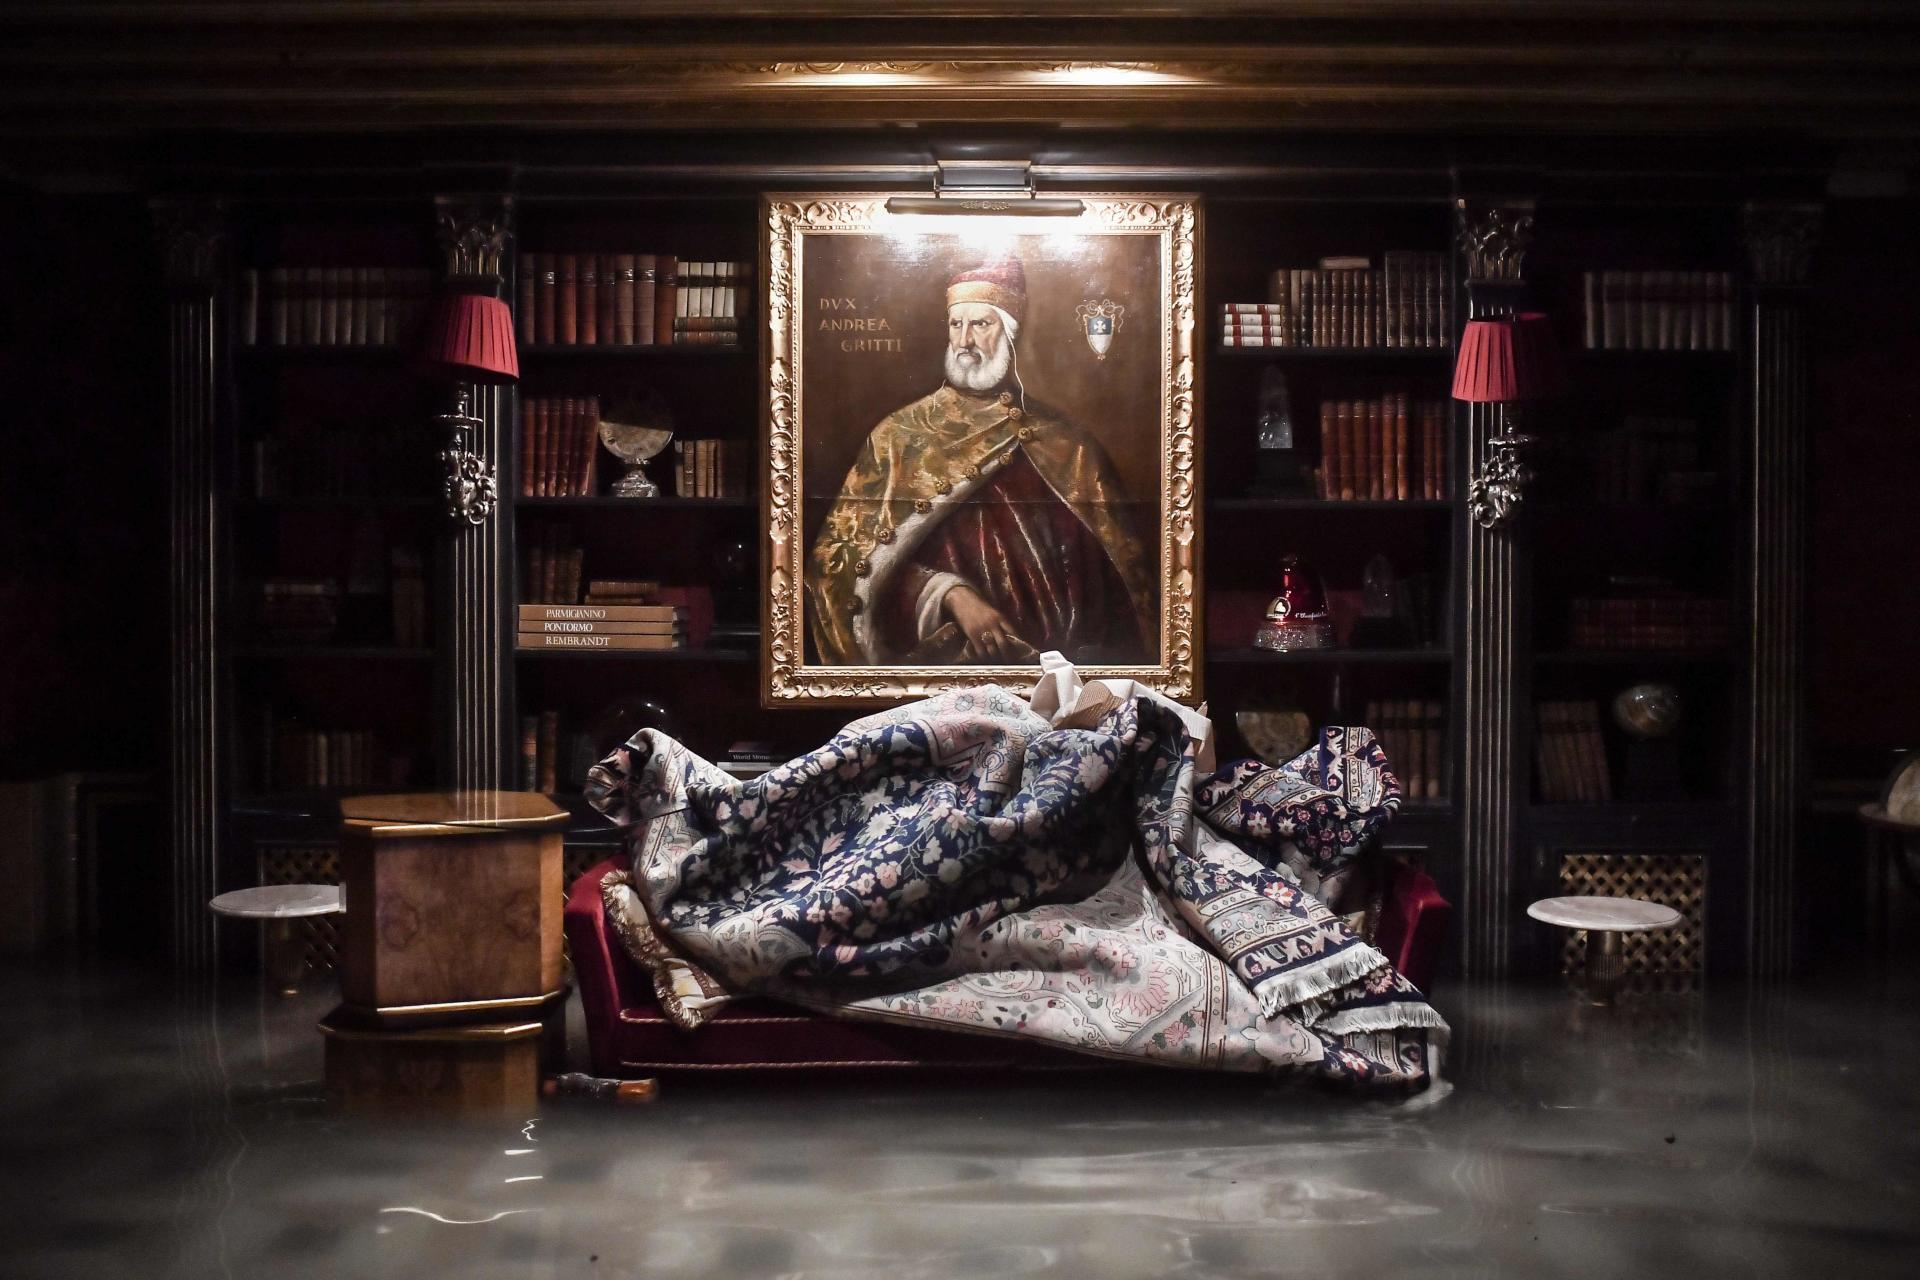 Dans le somptueux palais Gritti, où descendirent Ernest Hemingway, Elizabeth Taylor et Richard Burton, les eaux submergeaient le bar et les sofas en velours et menaçaient tapisseries et livres reliés.